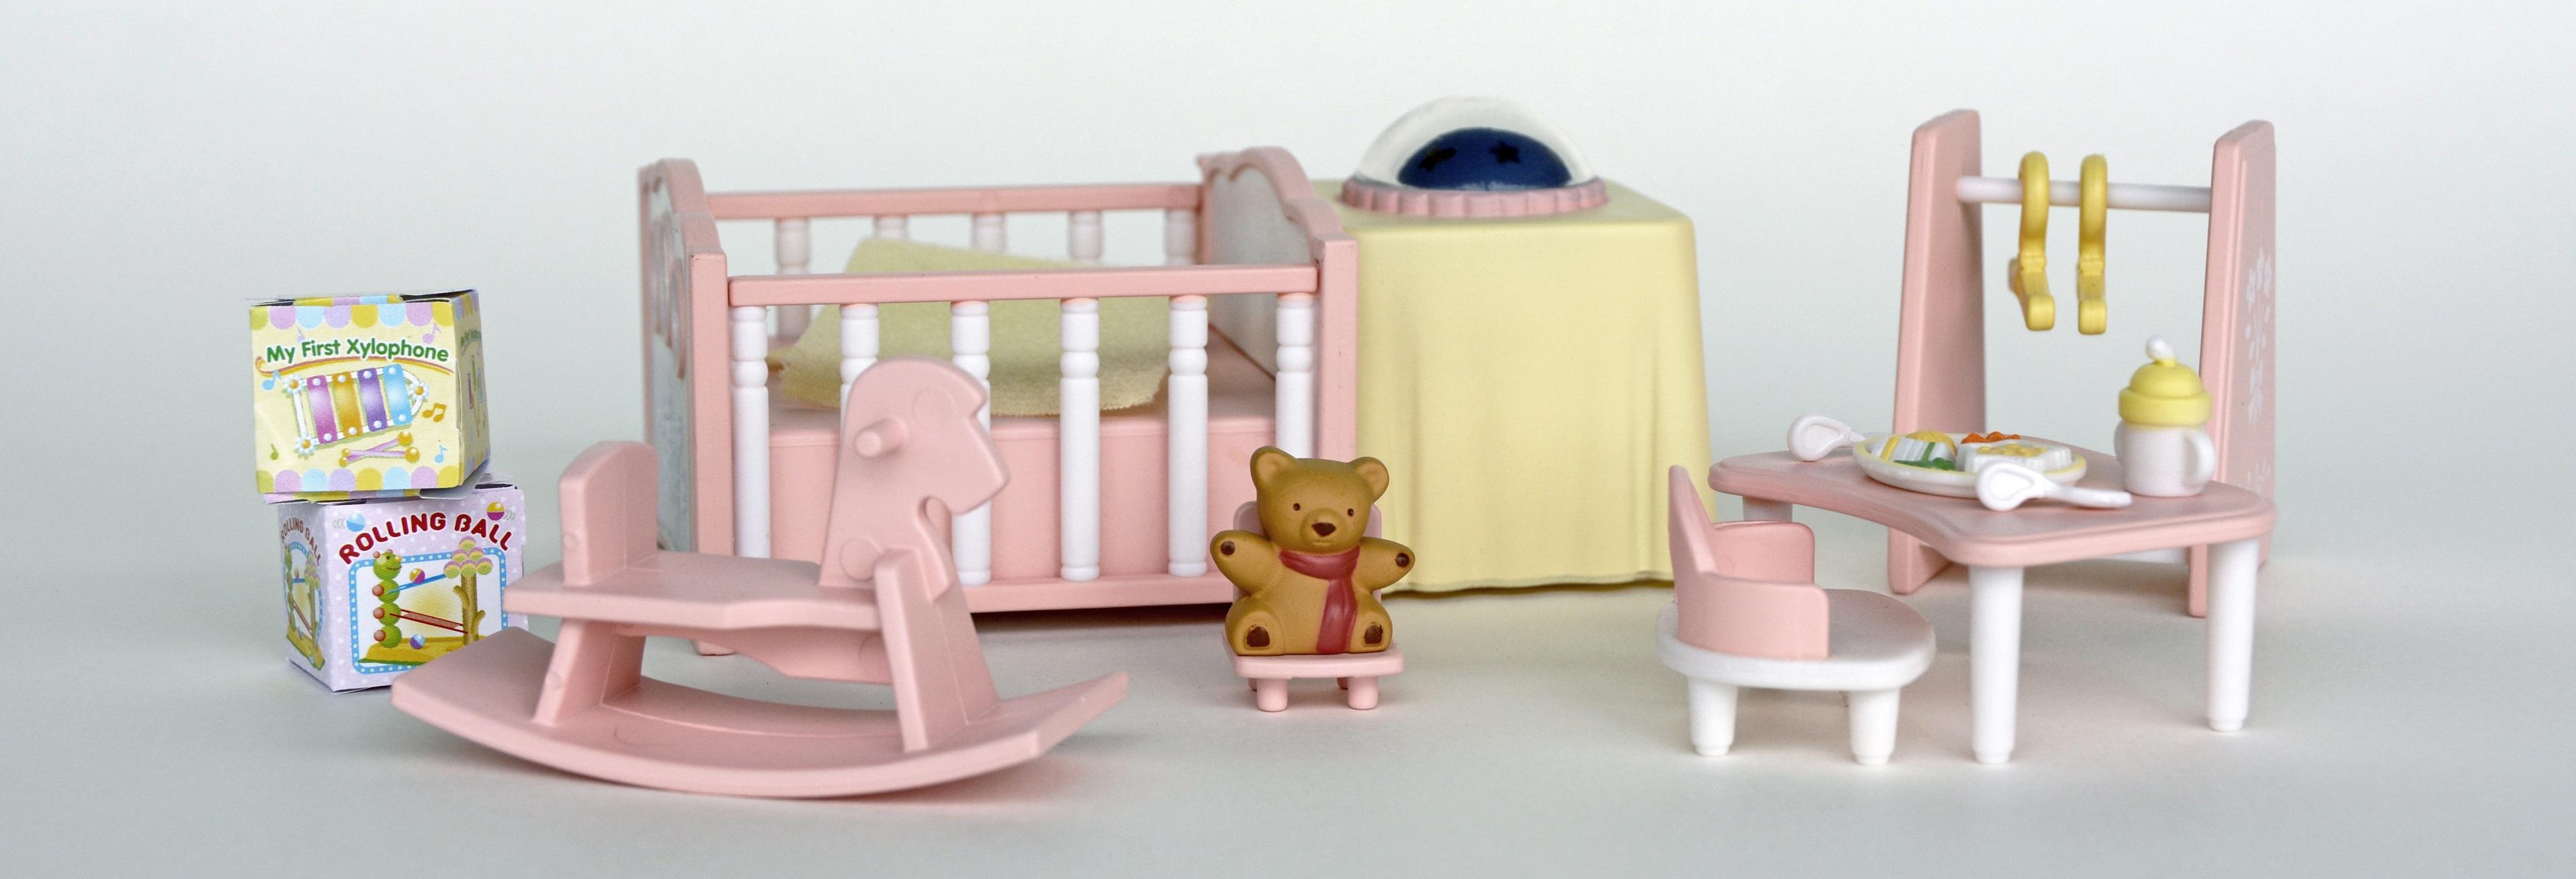 Images Gratuites : jouer, chaise, étagère, meubles, chambre, jaune ...